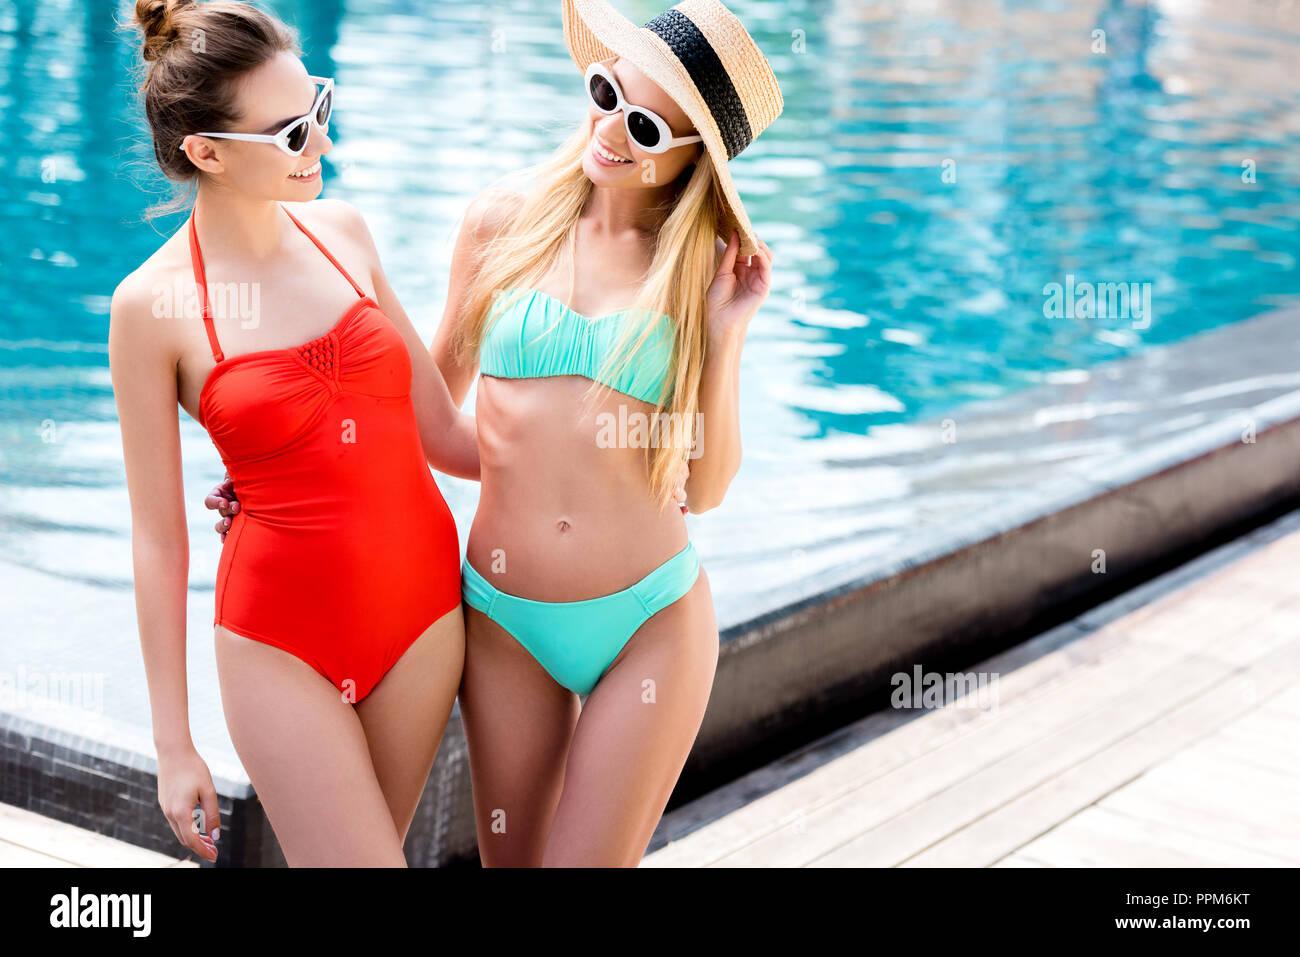 0bc39e8dfdab Las mujeres jóvenes y atractivas en vintage gafas de sol de pie al ...